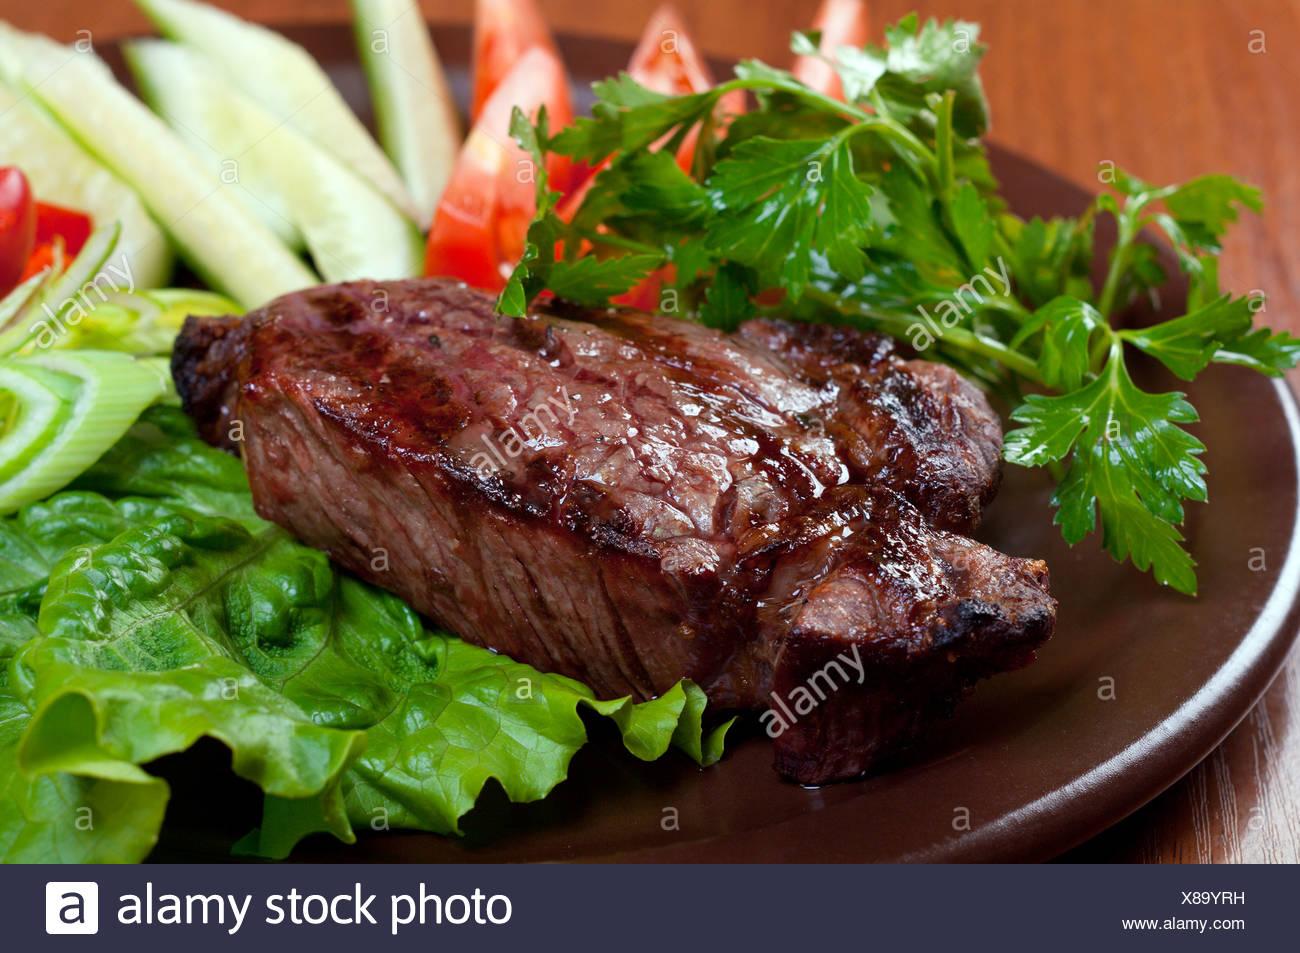 steak chorizo - Stock Image